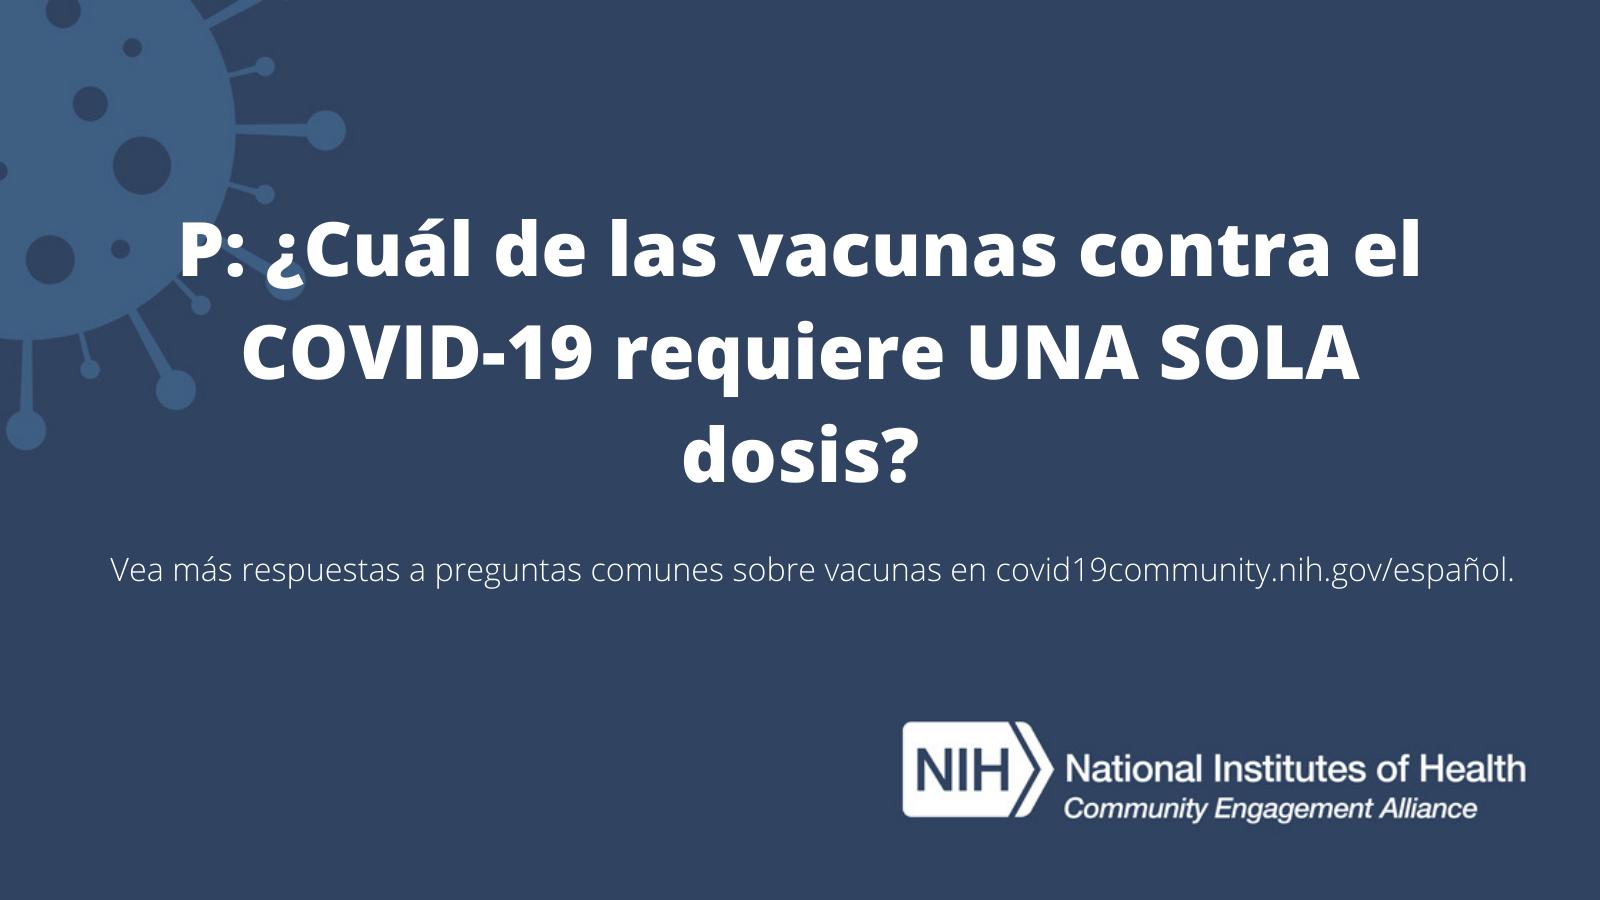 P: ¿Cuál de las vacunas contra el COVID-19 requiere UNA SOLA dosis?